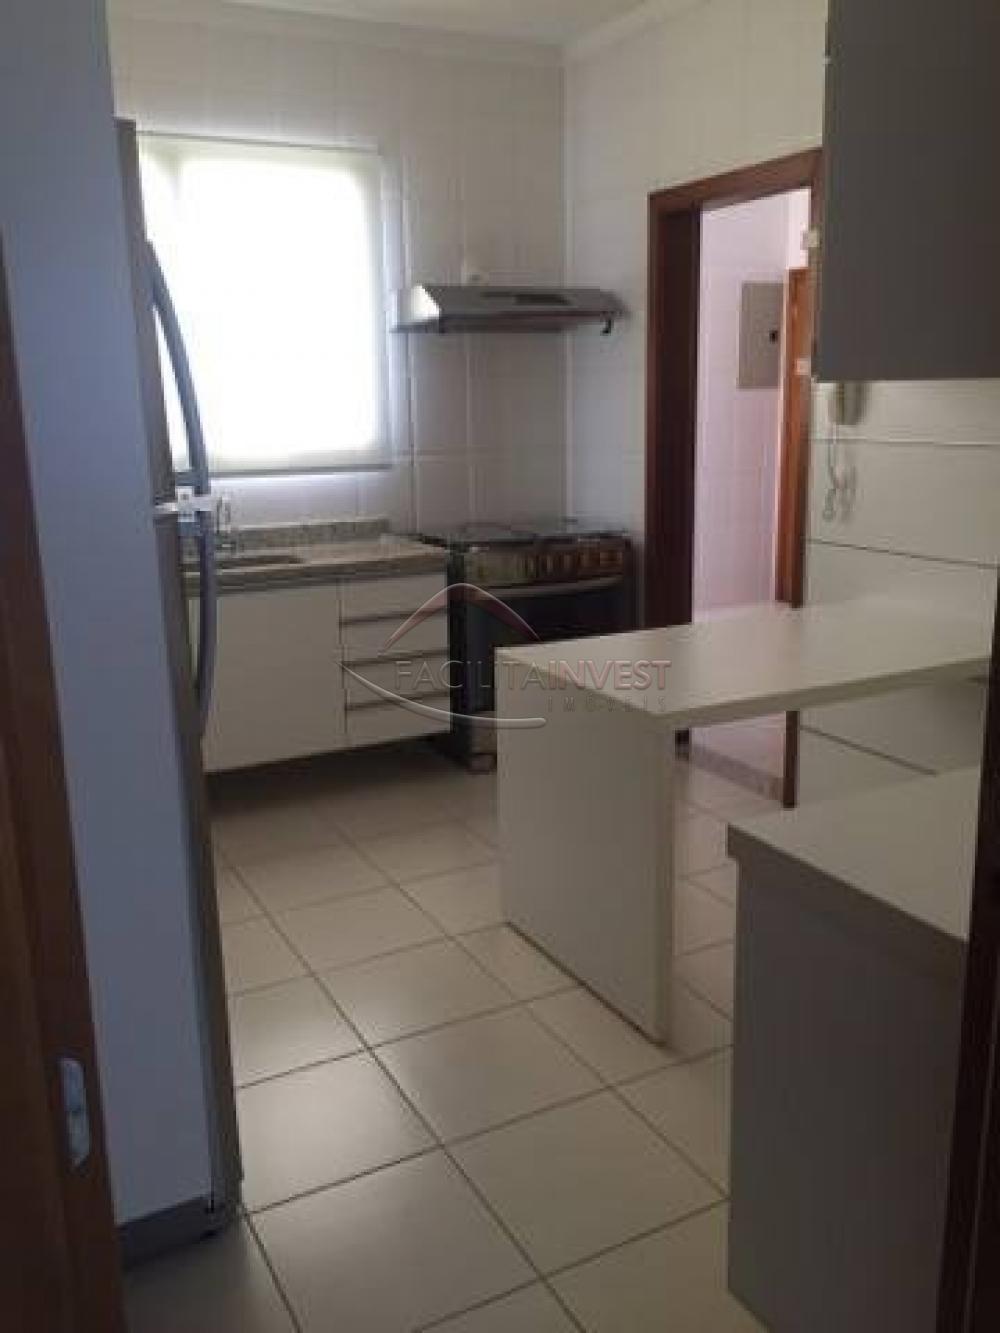 Comprar Apartamentos / Apart. Padrão em Ribeirão Preto apenas R$ 800.000,00 - Foto 31